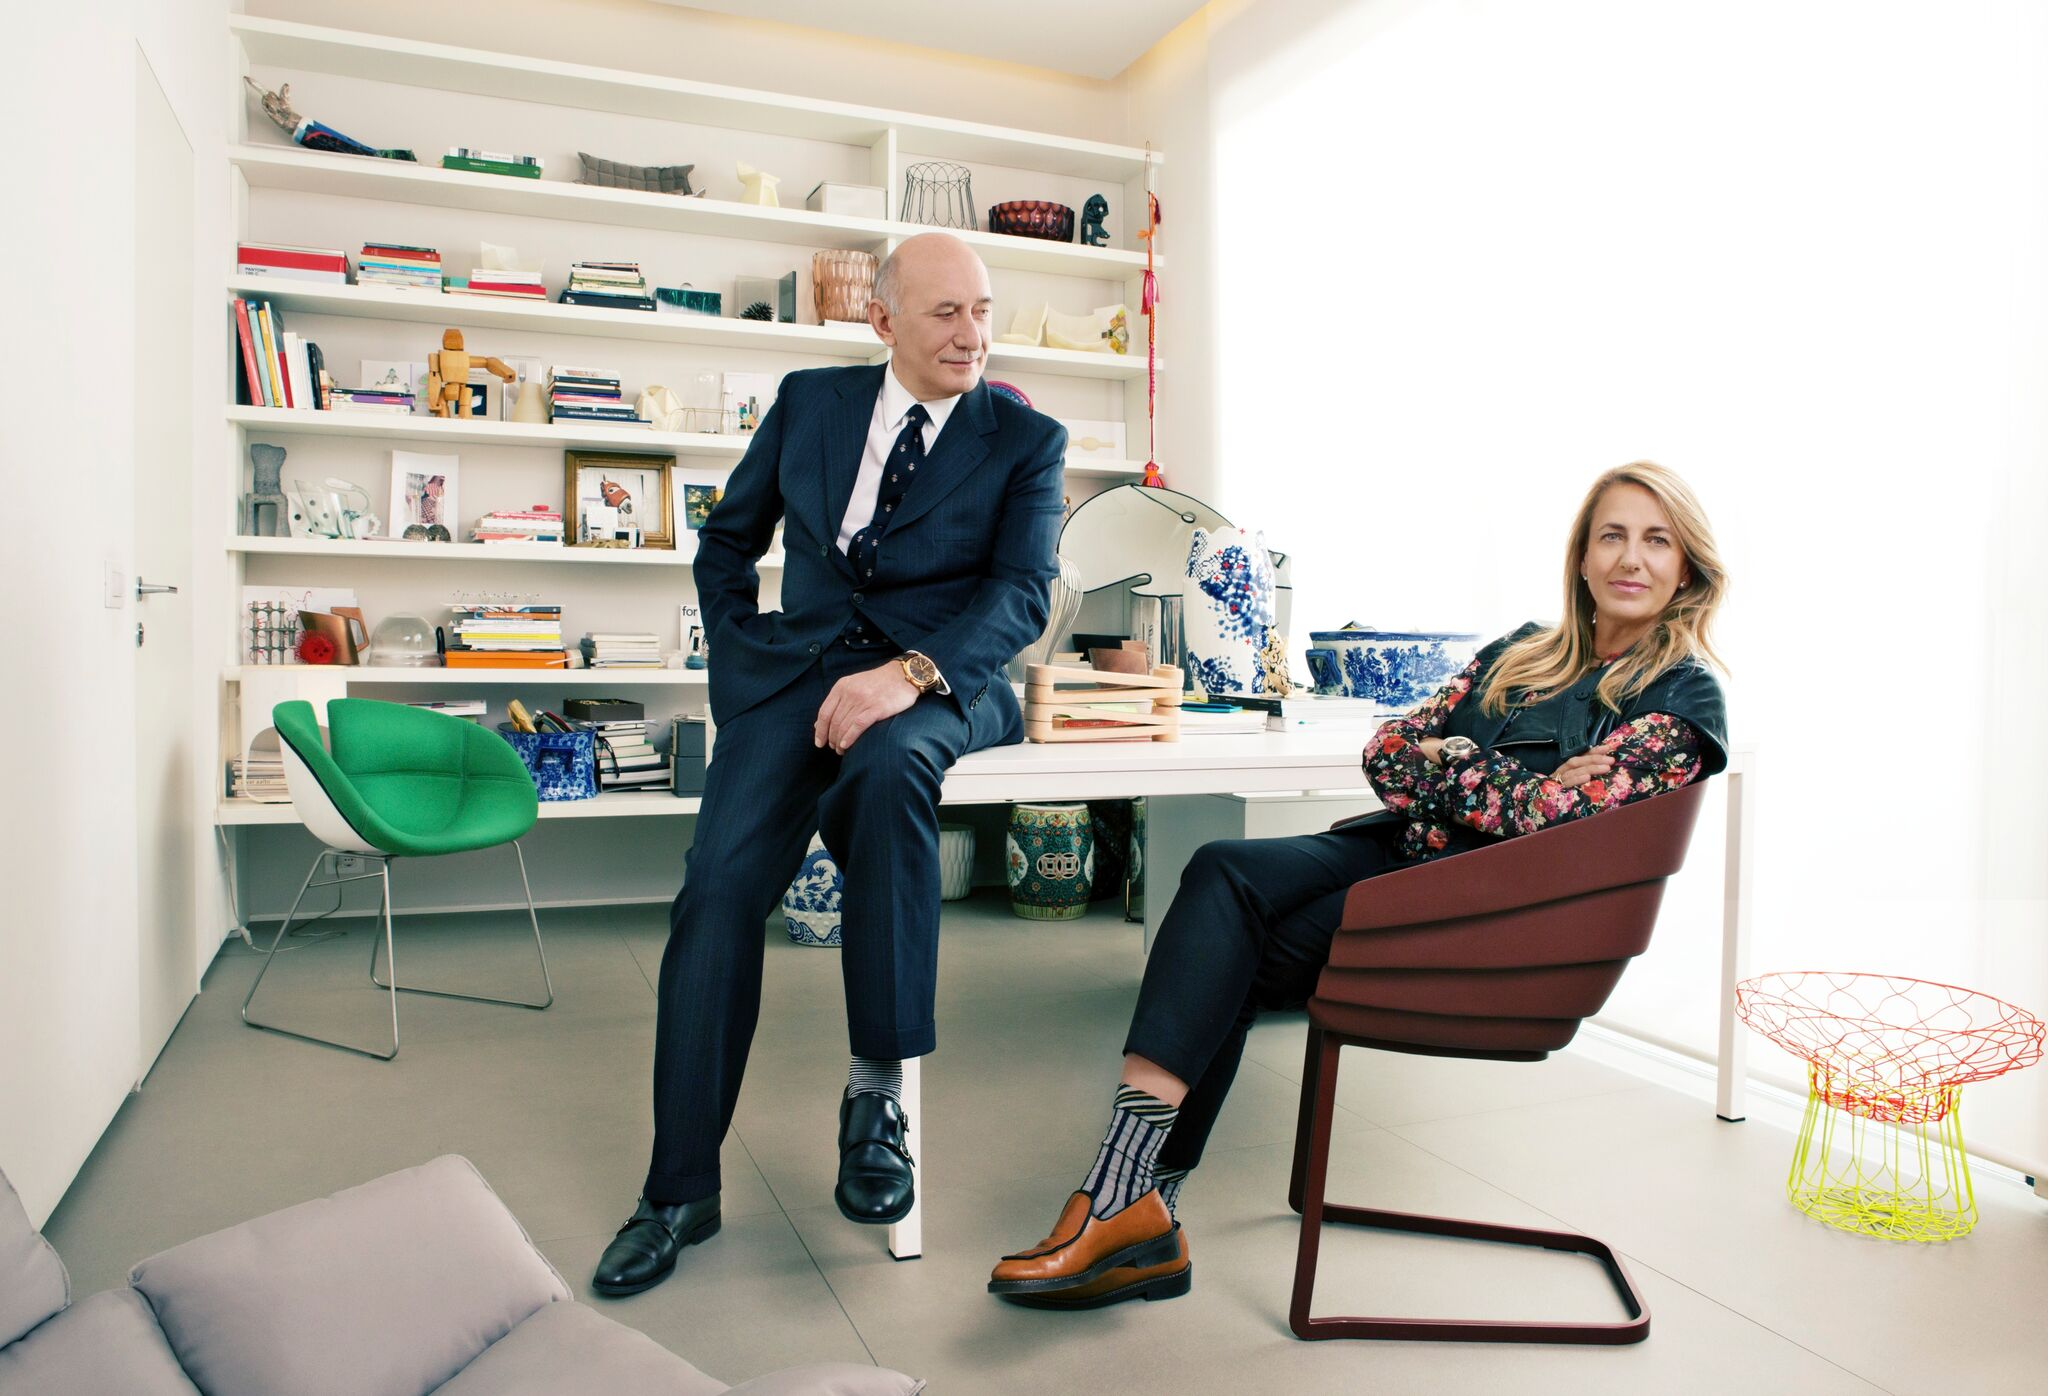 Mr. Bonati and Patricia Urquiola